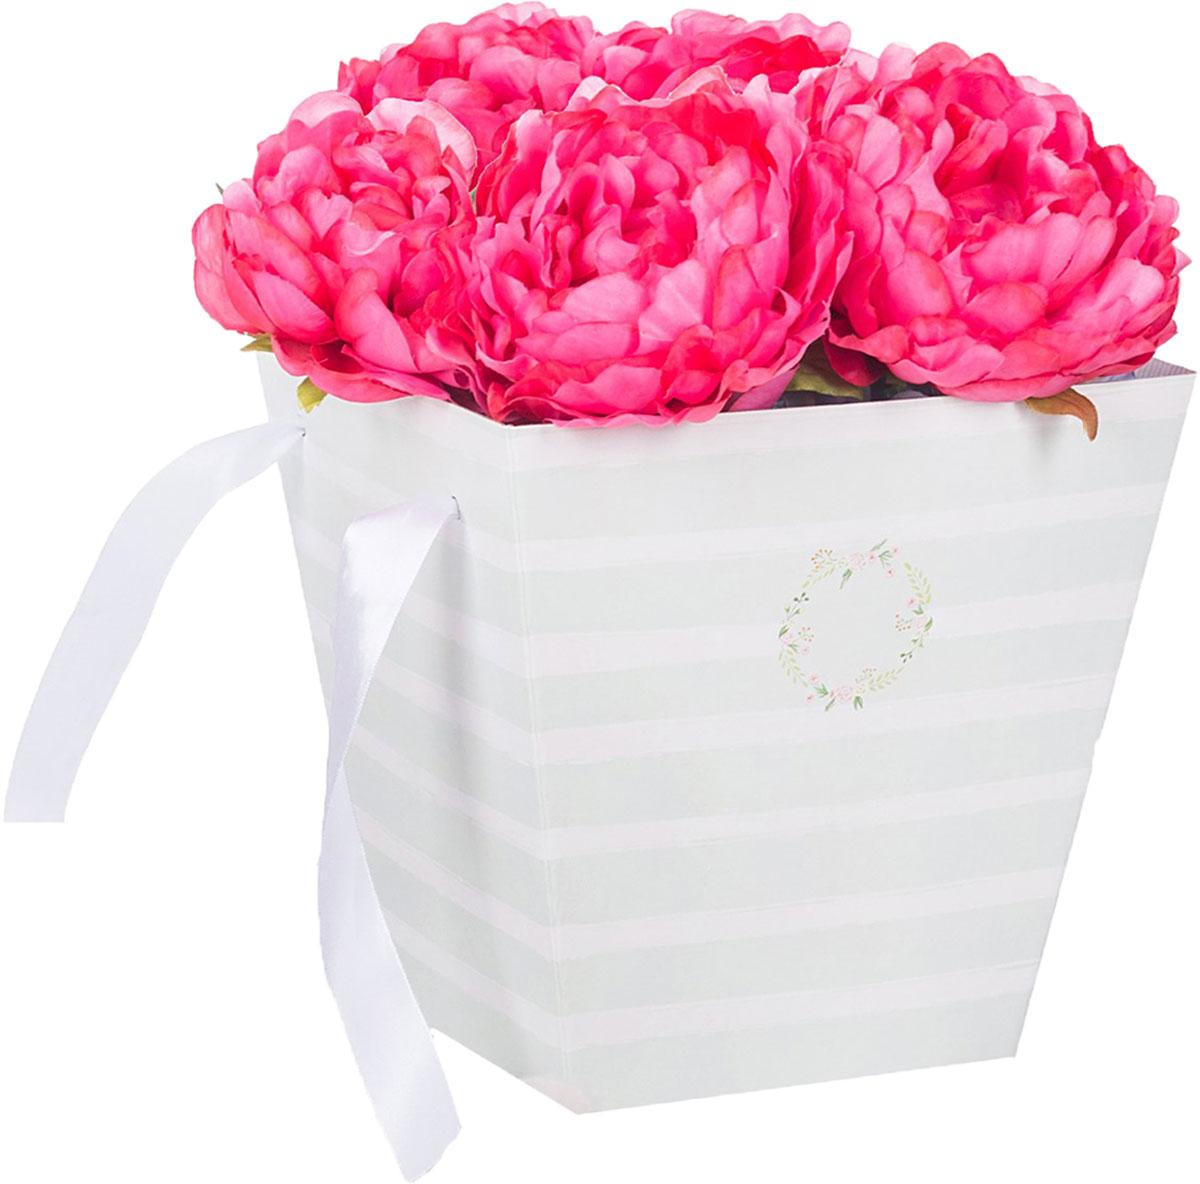 Любой подарок начинается с упаковки. Что может быть трогательнее и волшебнее, чем ритуал разворачивания полученного презента. И именно оригинальная, со вкусом выбранная упаковка выделит ваш подарок из массы других. Она продемонстрирует самые тёплые чувства к виновнику торжества и создаст сказочную атмосферу праздника. Коробка — это то, что вы искали.